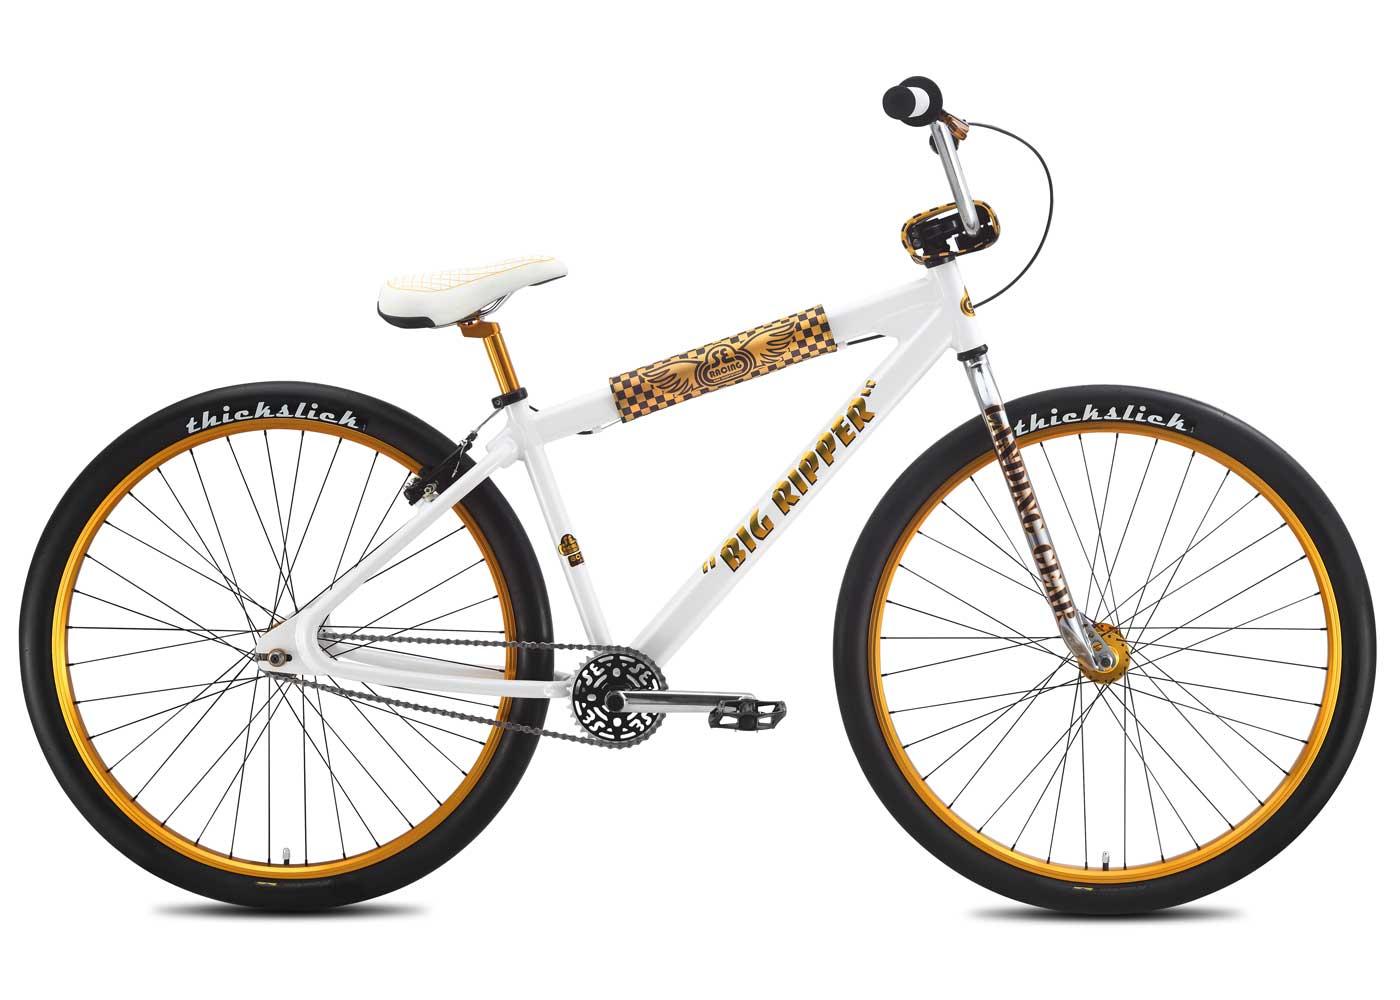 SE/Big Ripper - Ein starkes BMX-Rad und von jeher ein Hingucker.